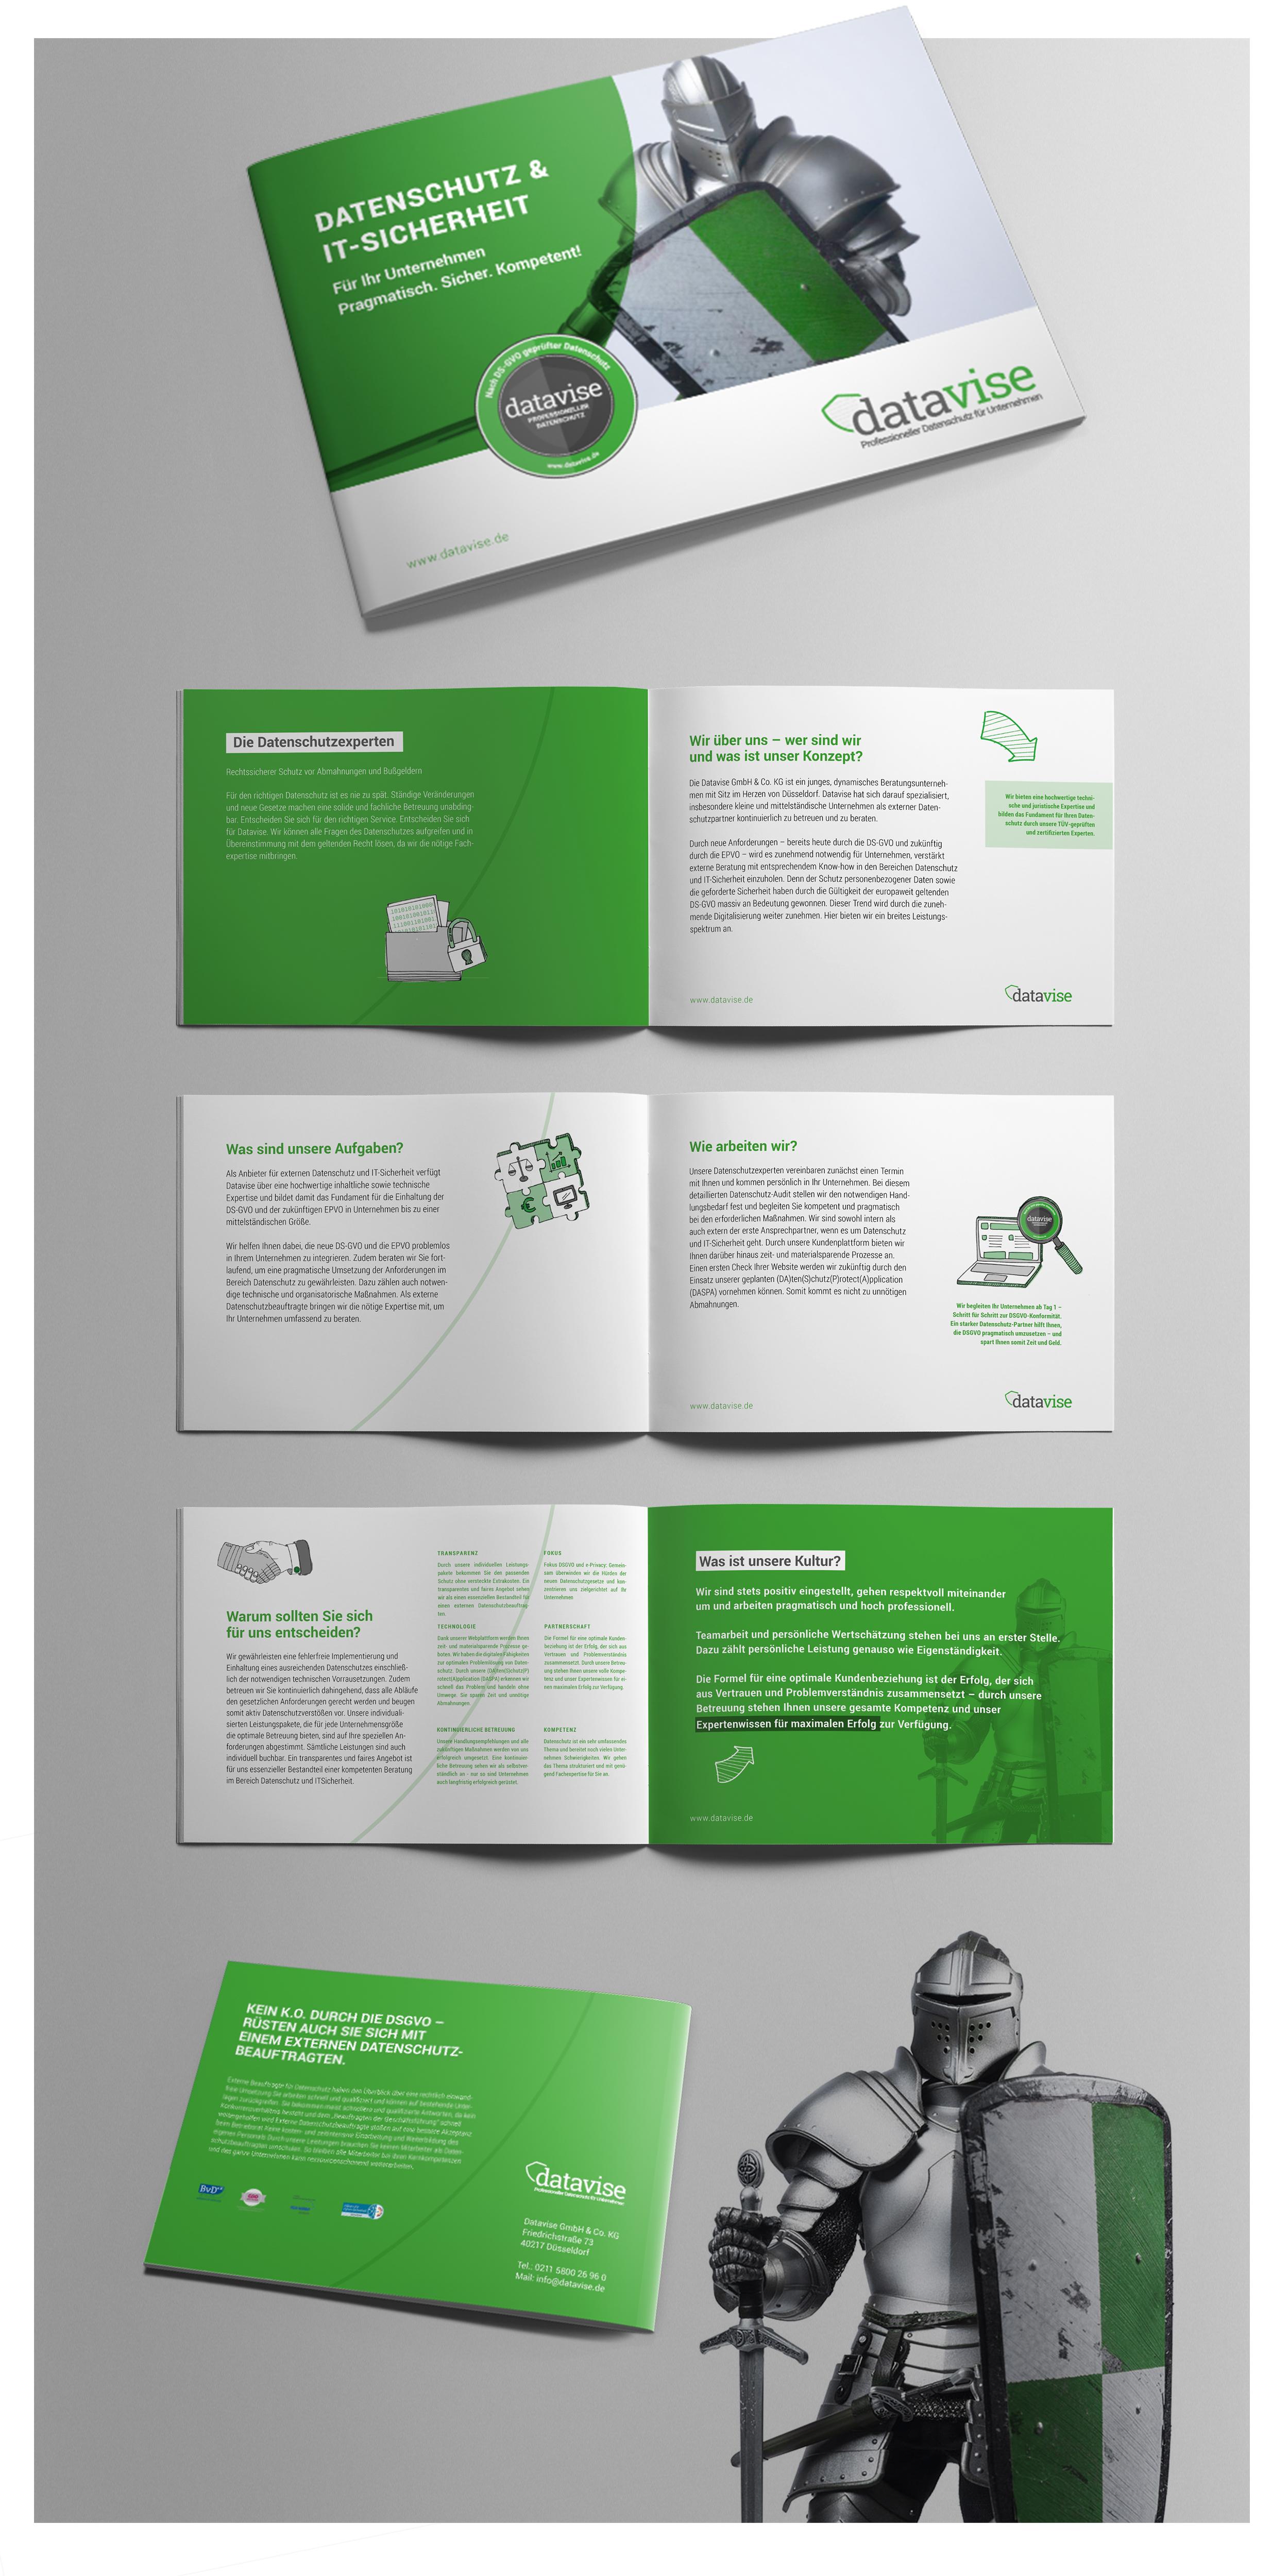 design #4 of Raposito